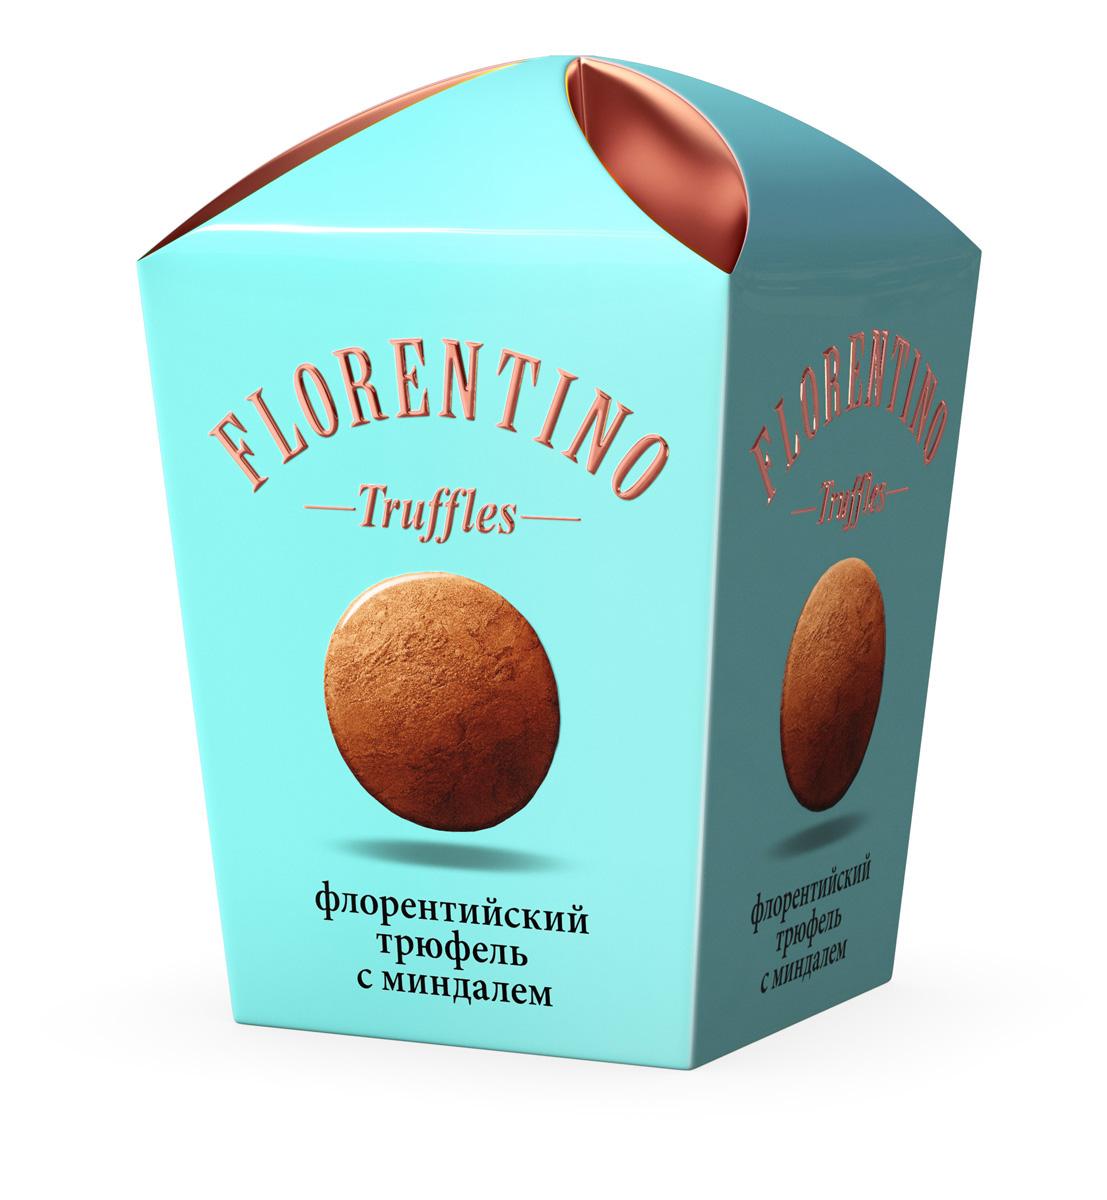 Florentino Флорентийский трюфель конфеты с миндалем, 175 г0120710Конфеты Трюфель от BUCHERON приготовлены по рецептуре, ставшей популярной в середине XX века. Благодаря швейцарским технологиям и отборным какао-бобам, собранным на Берегу Слоновой Кости, эти конфеты имеют яркий и утонченный вкус.Попробуйте классические трюфели с миндалем.